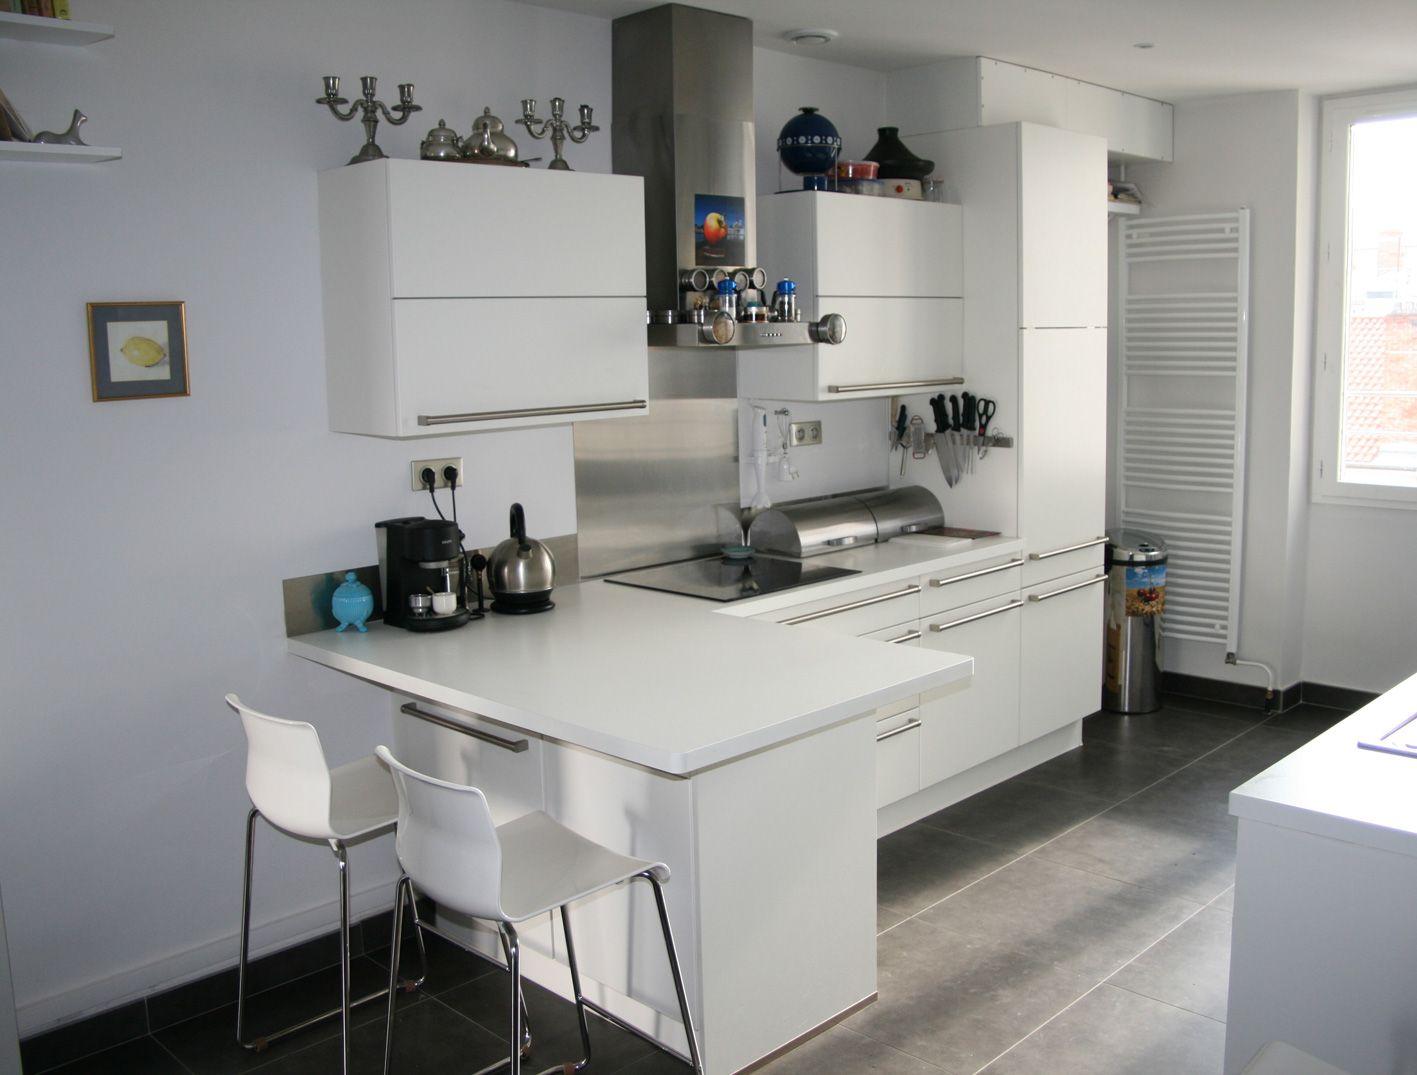 magasin oskab oskab salle de bain noire mat best cuisine noir mat ideas on with magasin oskab. Black Bedroom Furniture Sets. Home Design Ideas